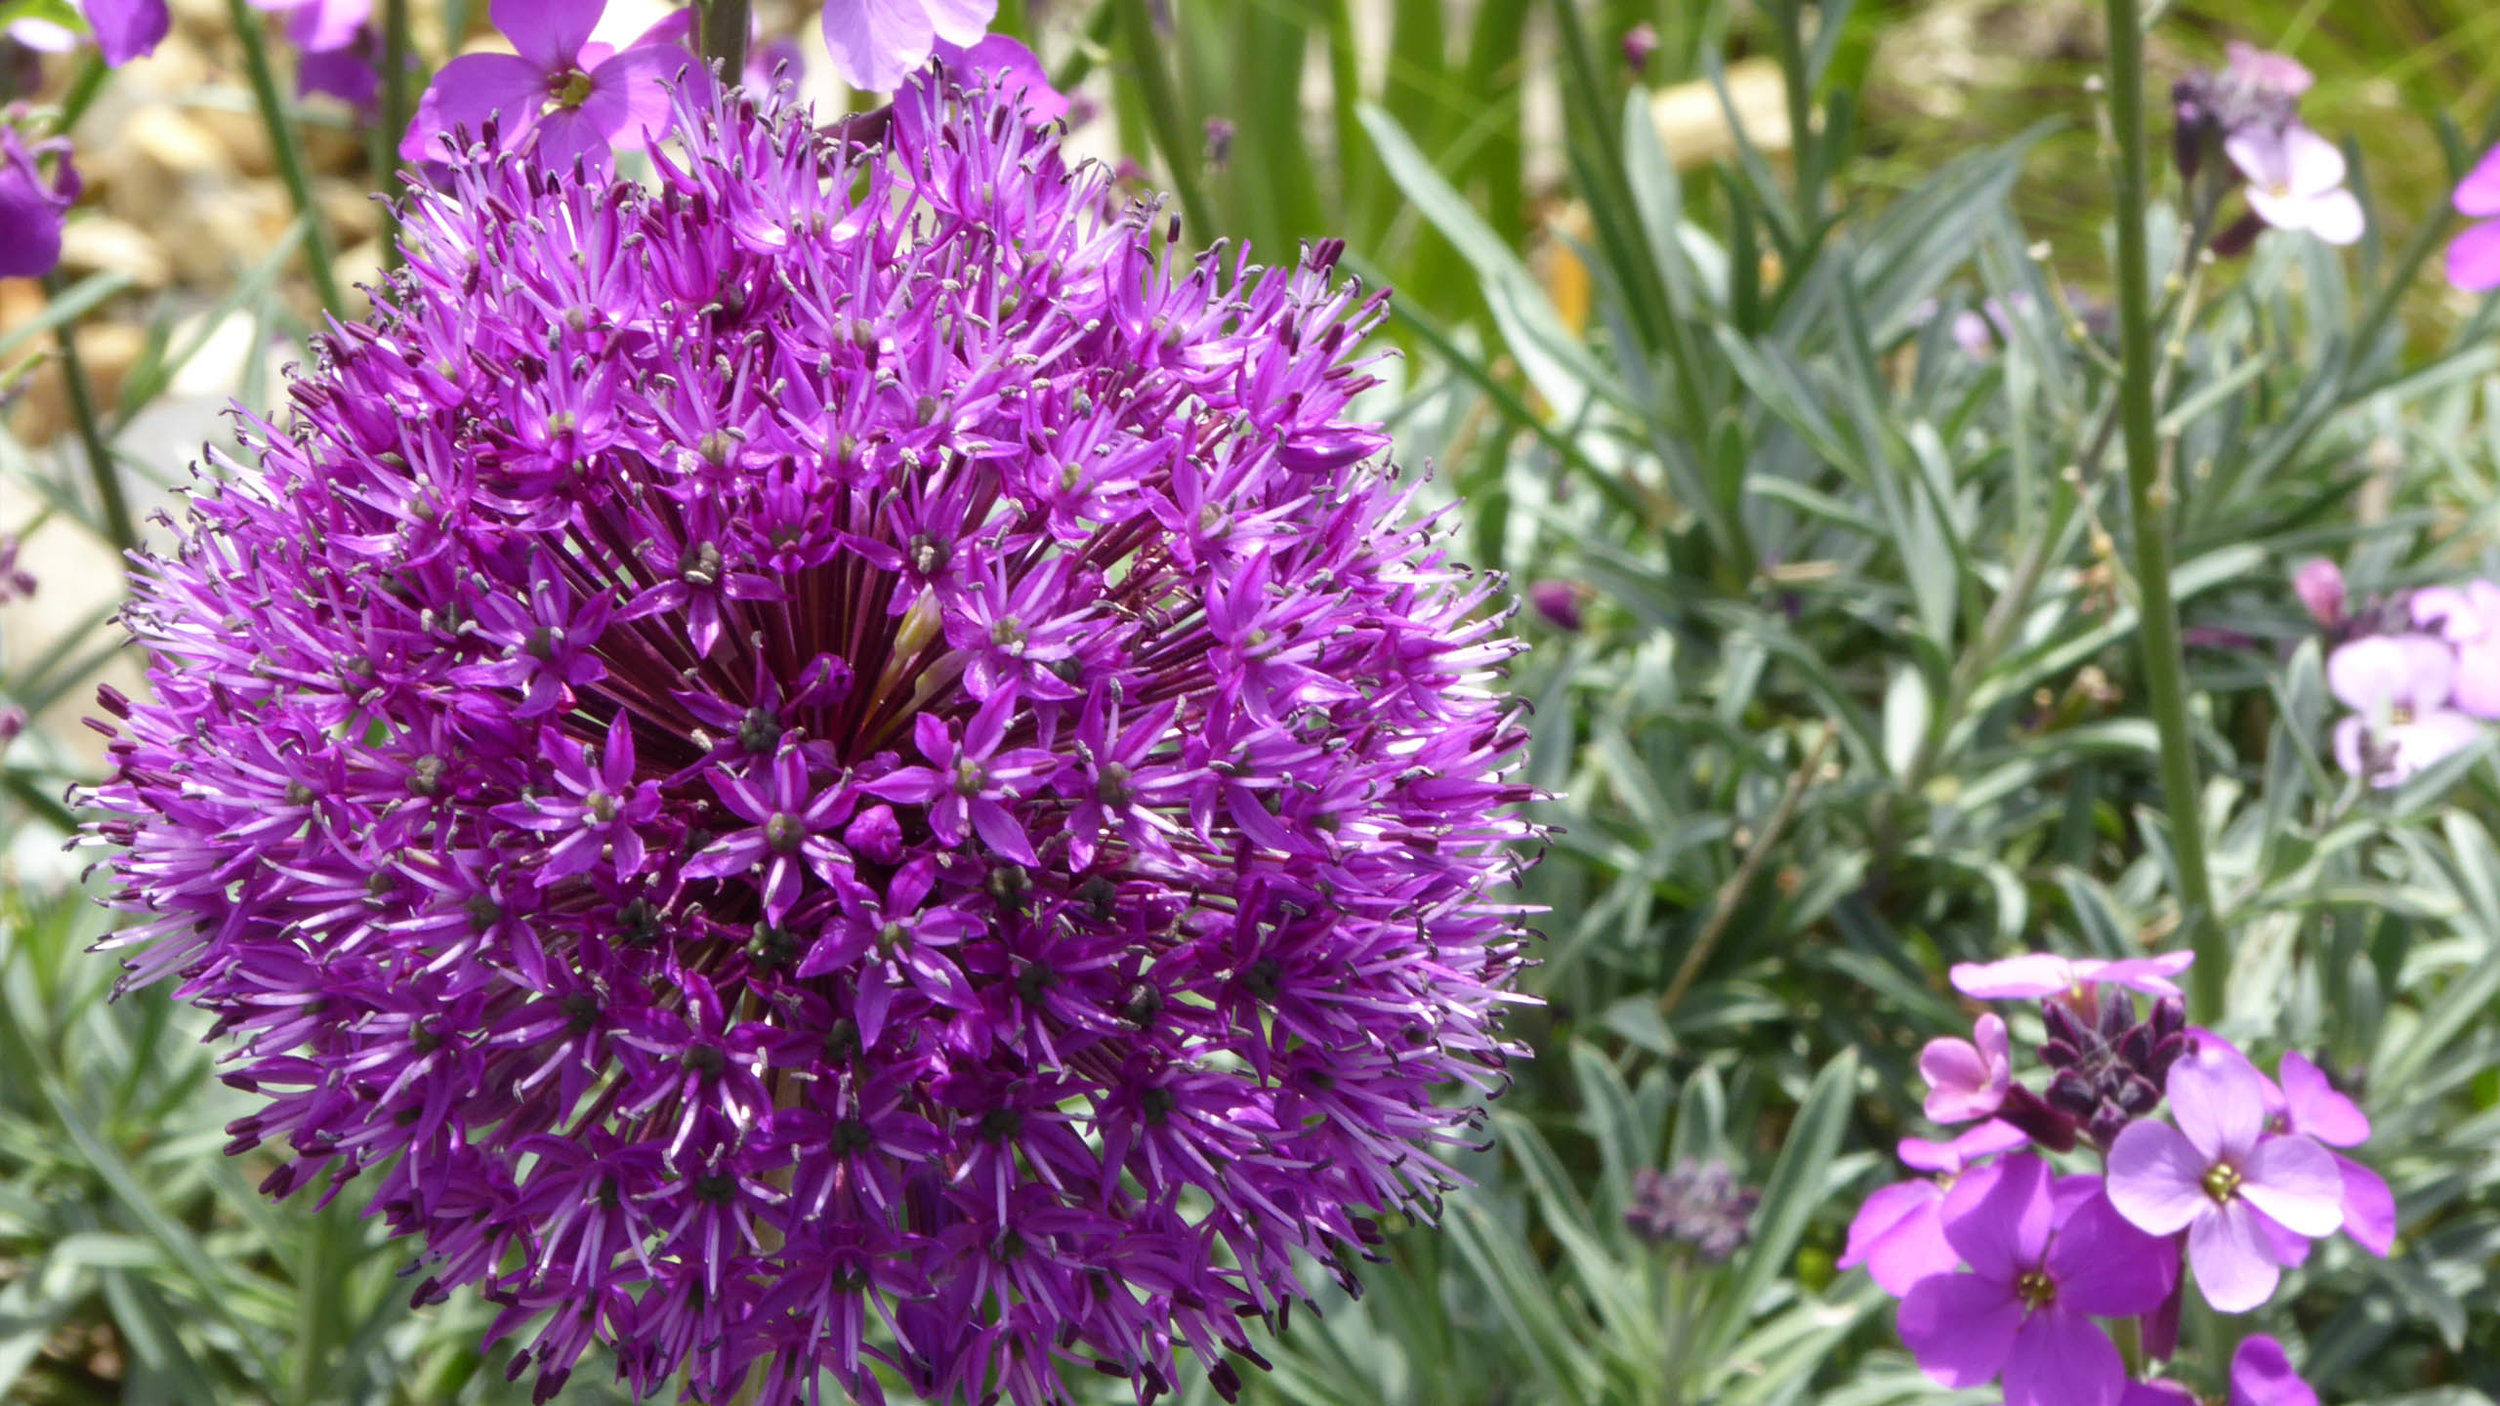 Cheshire Garden Design: Interlocking Curves and Acer (Front Garden) Allium 'Purple Sensation'